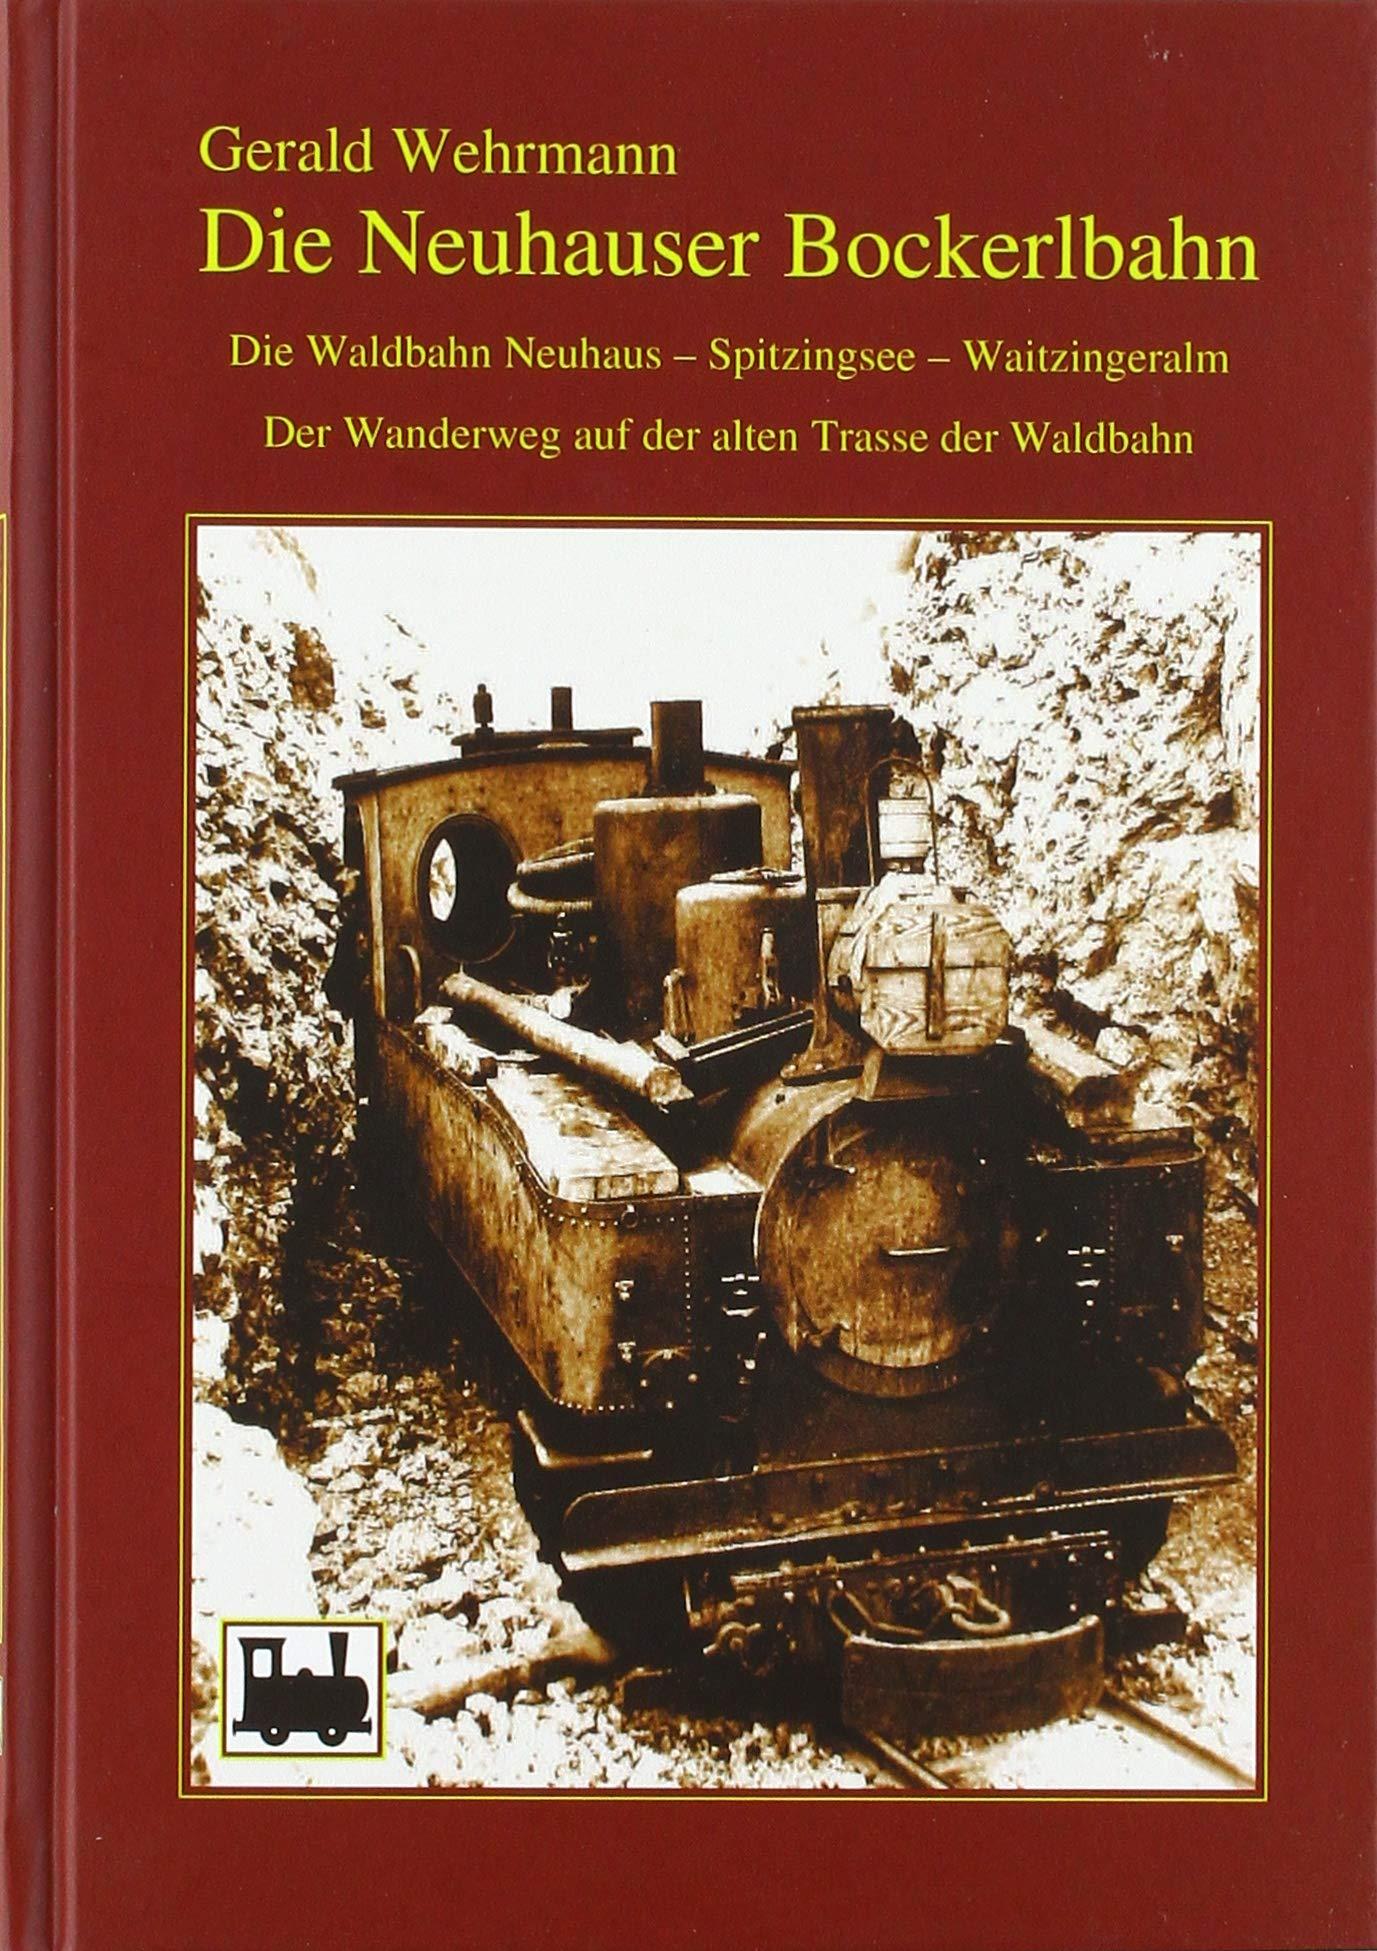 Wehrmann Gerald - Die Neuhauser Bockerlbahn